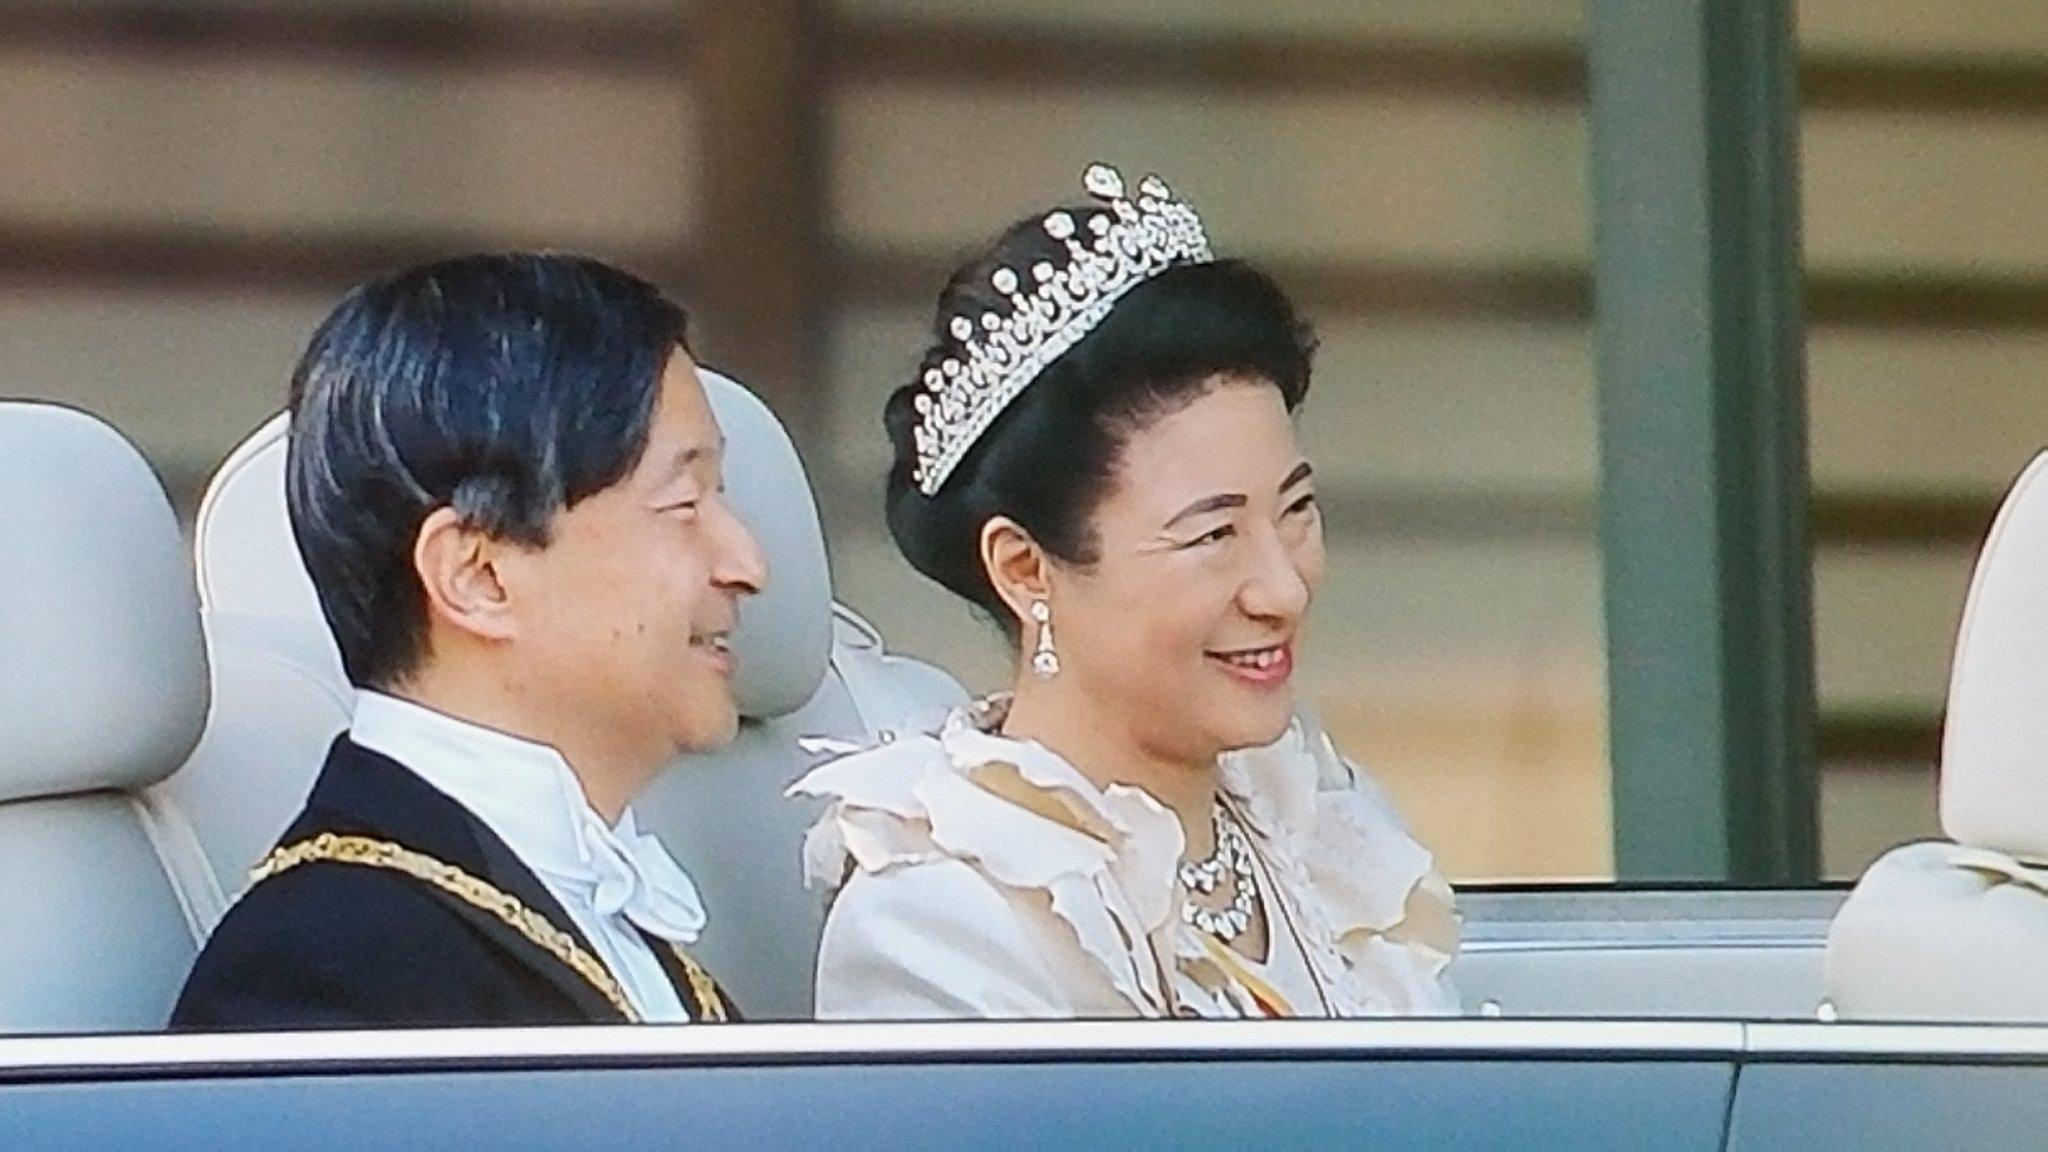 即位パレード》雅子様のティアラ・ドレス姿が美しすぎる